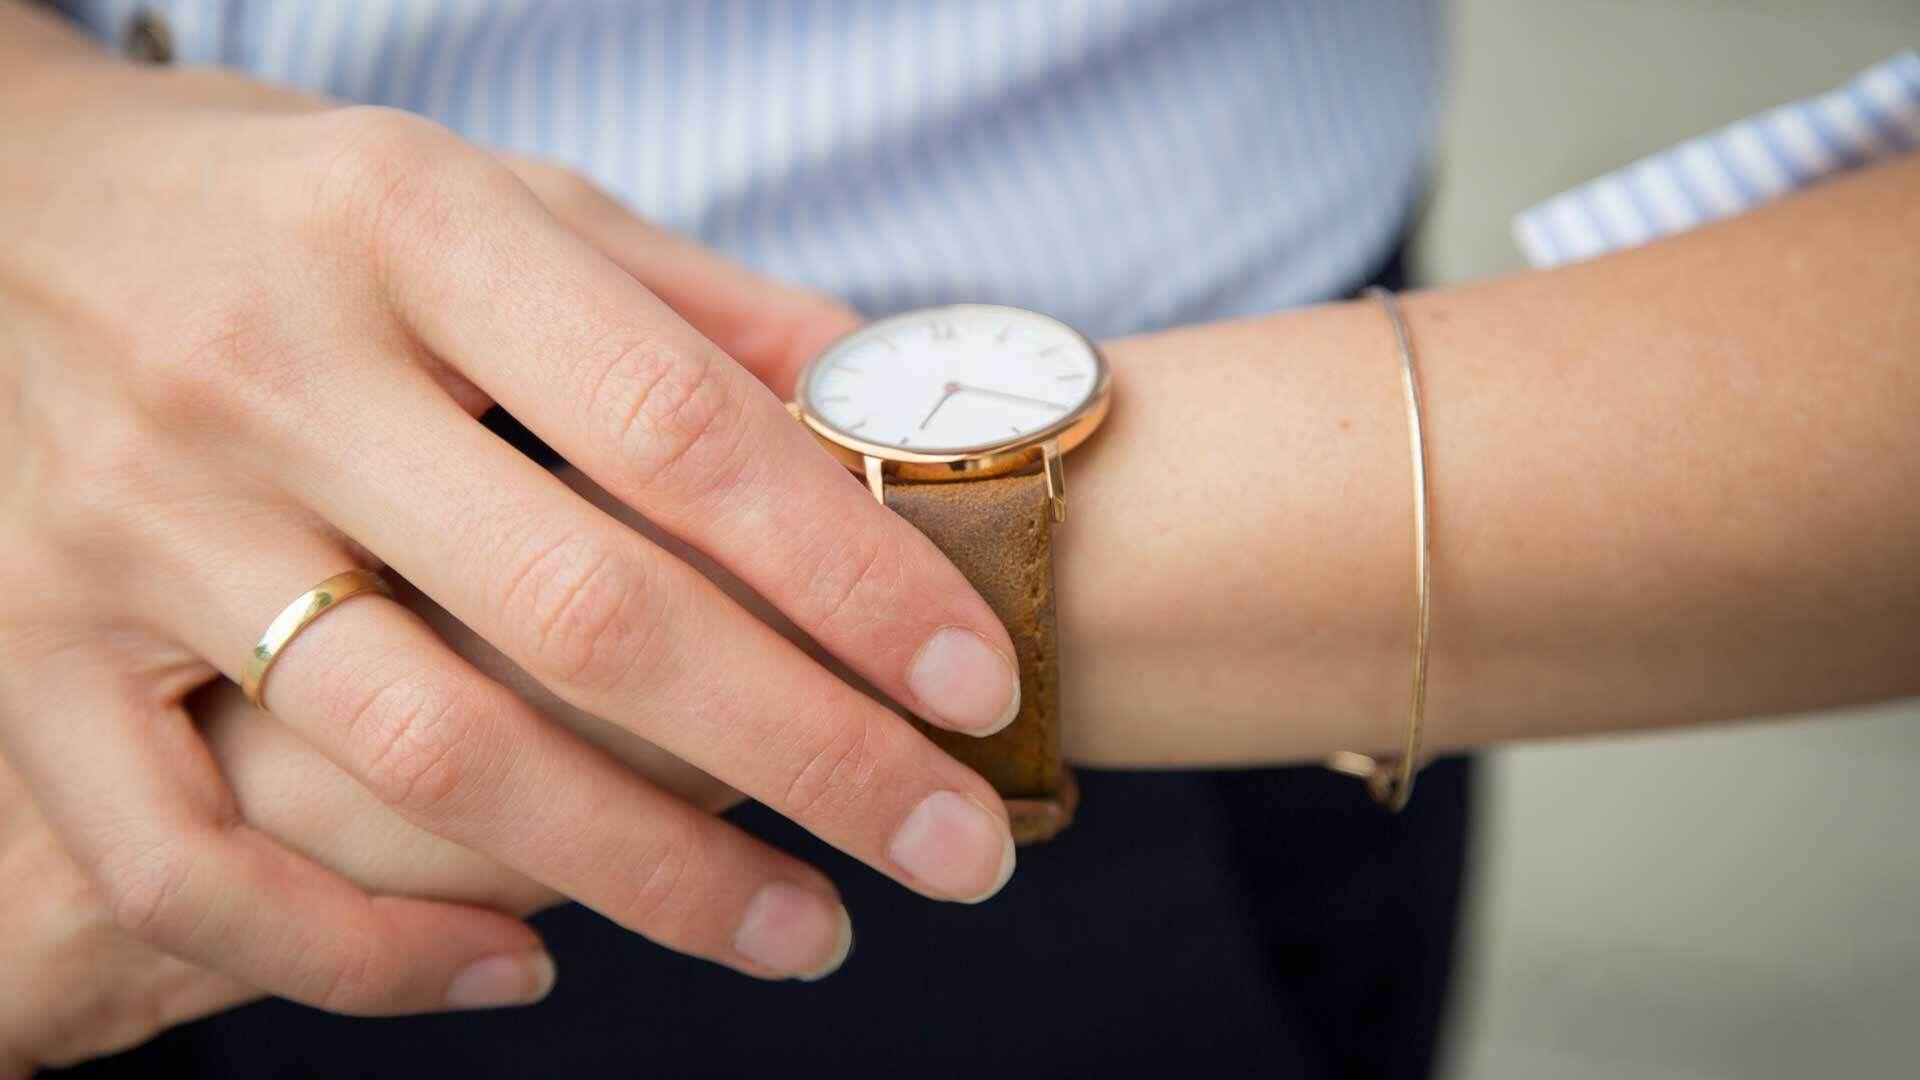 Zeitumstellung 2021: Werden die Uhren vor- oder zurückgestellt?